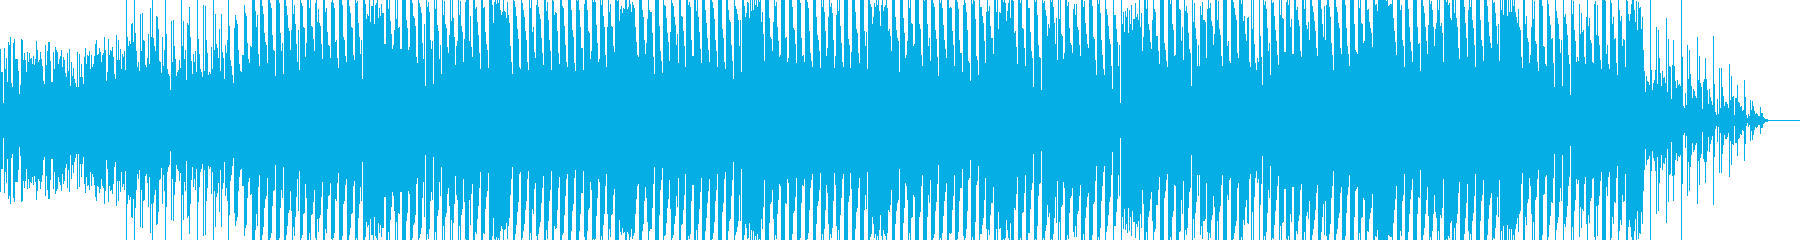 ゲームのオープニングに使えそうなBGMの再生済みの波形